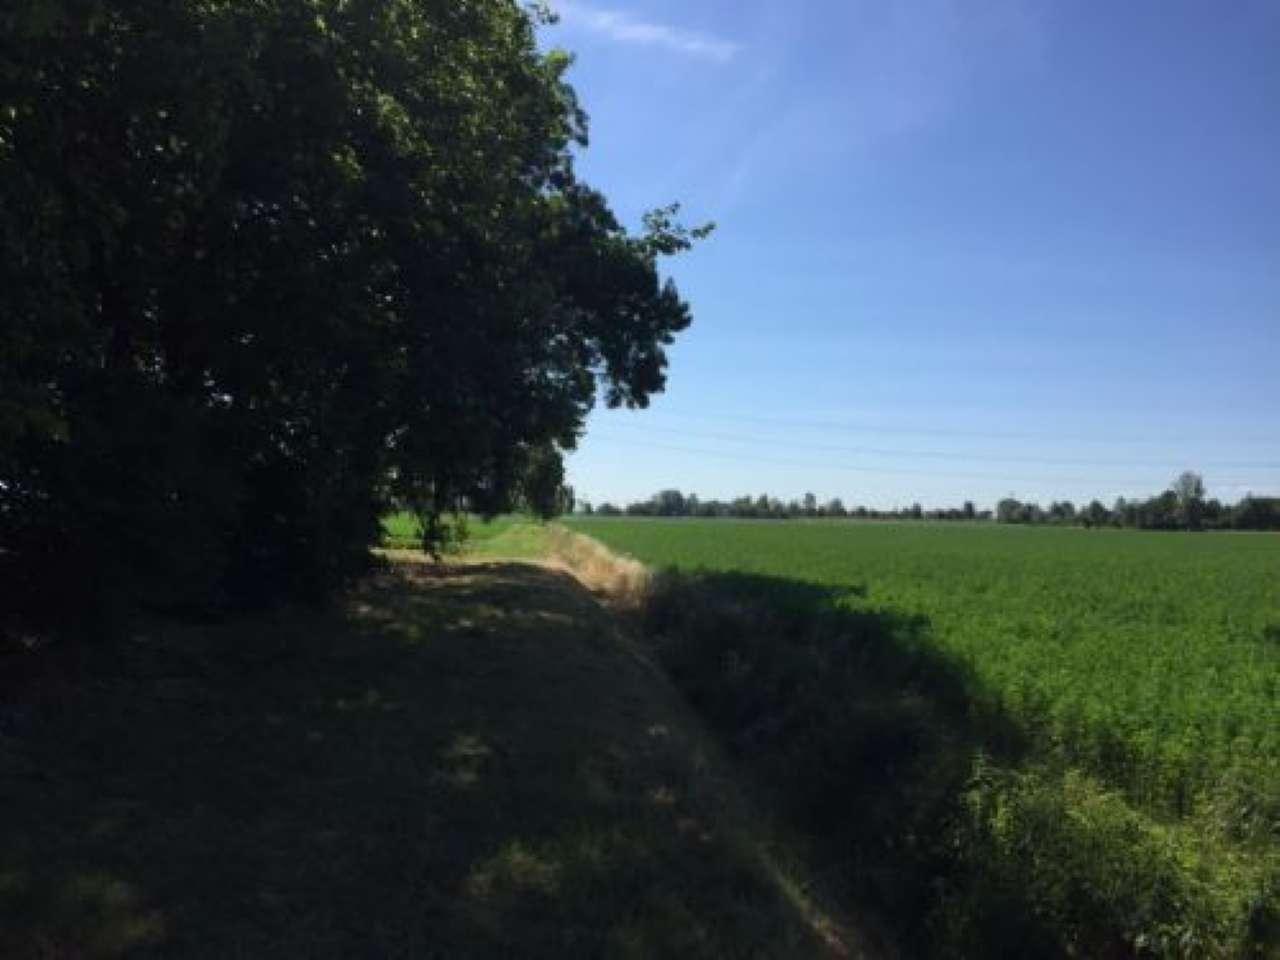 Terreno Agricolo in vendita a Carpi, 9999 locali, Trattative riservate | CambioCasa.it